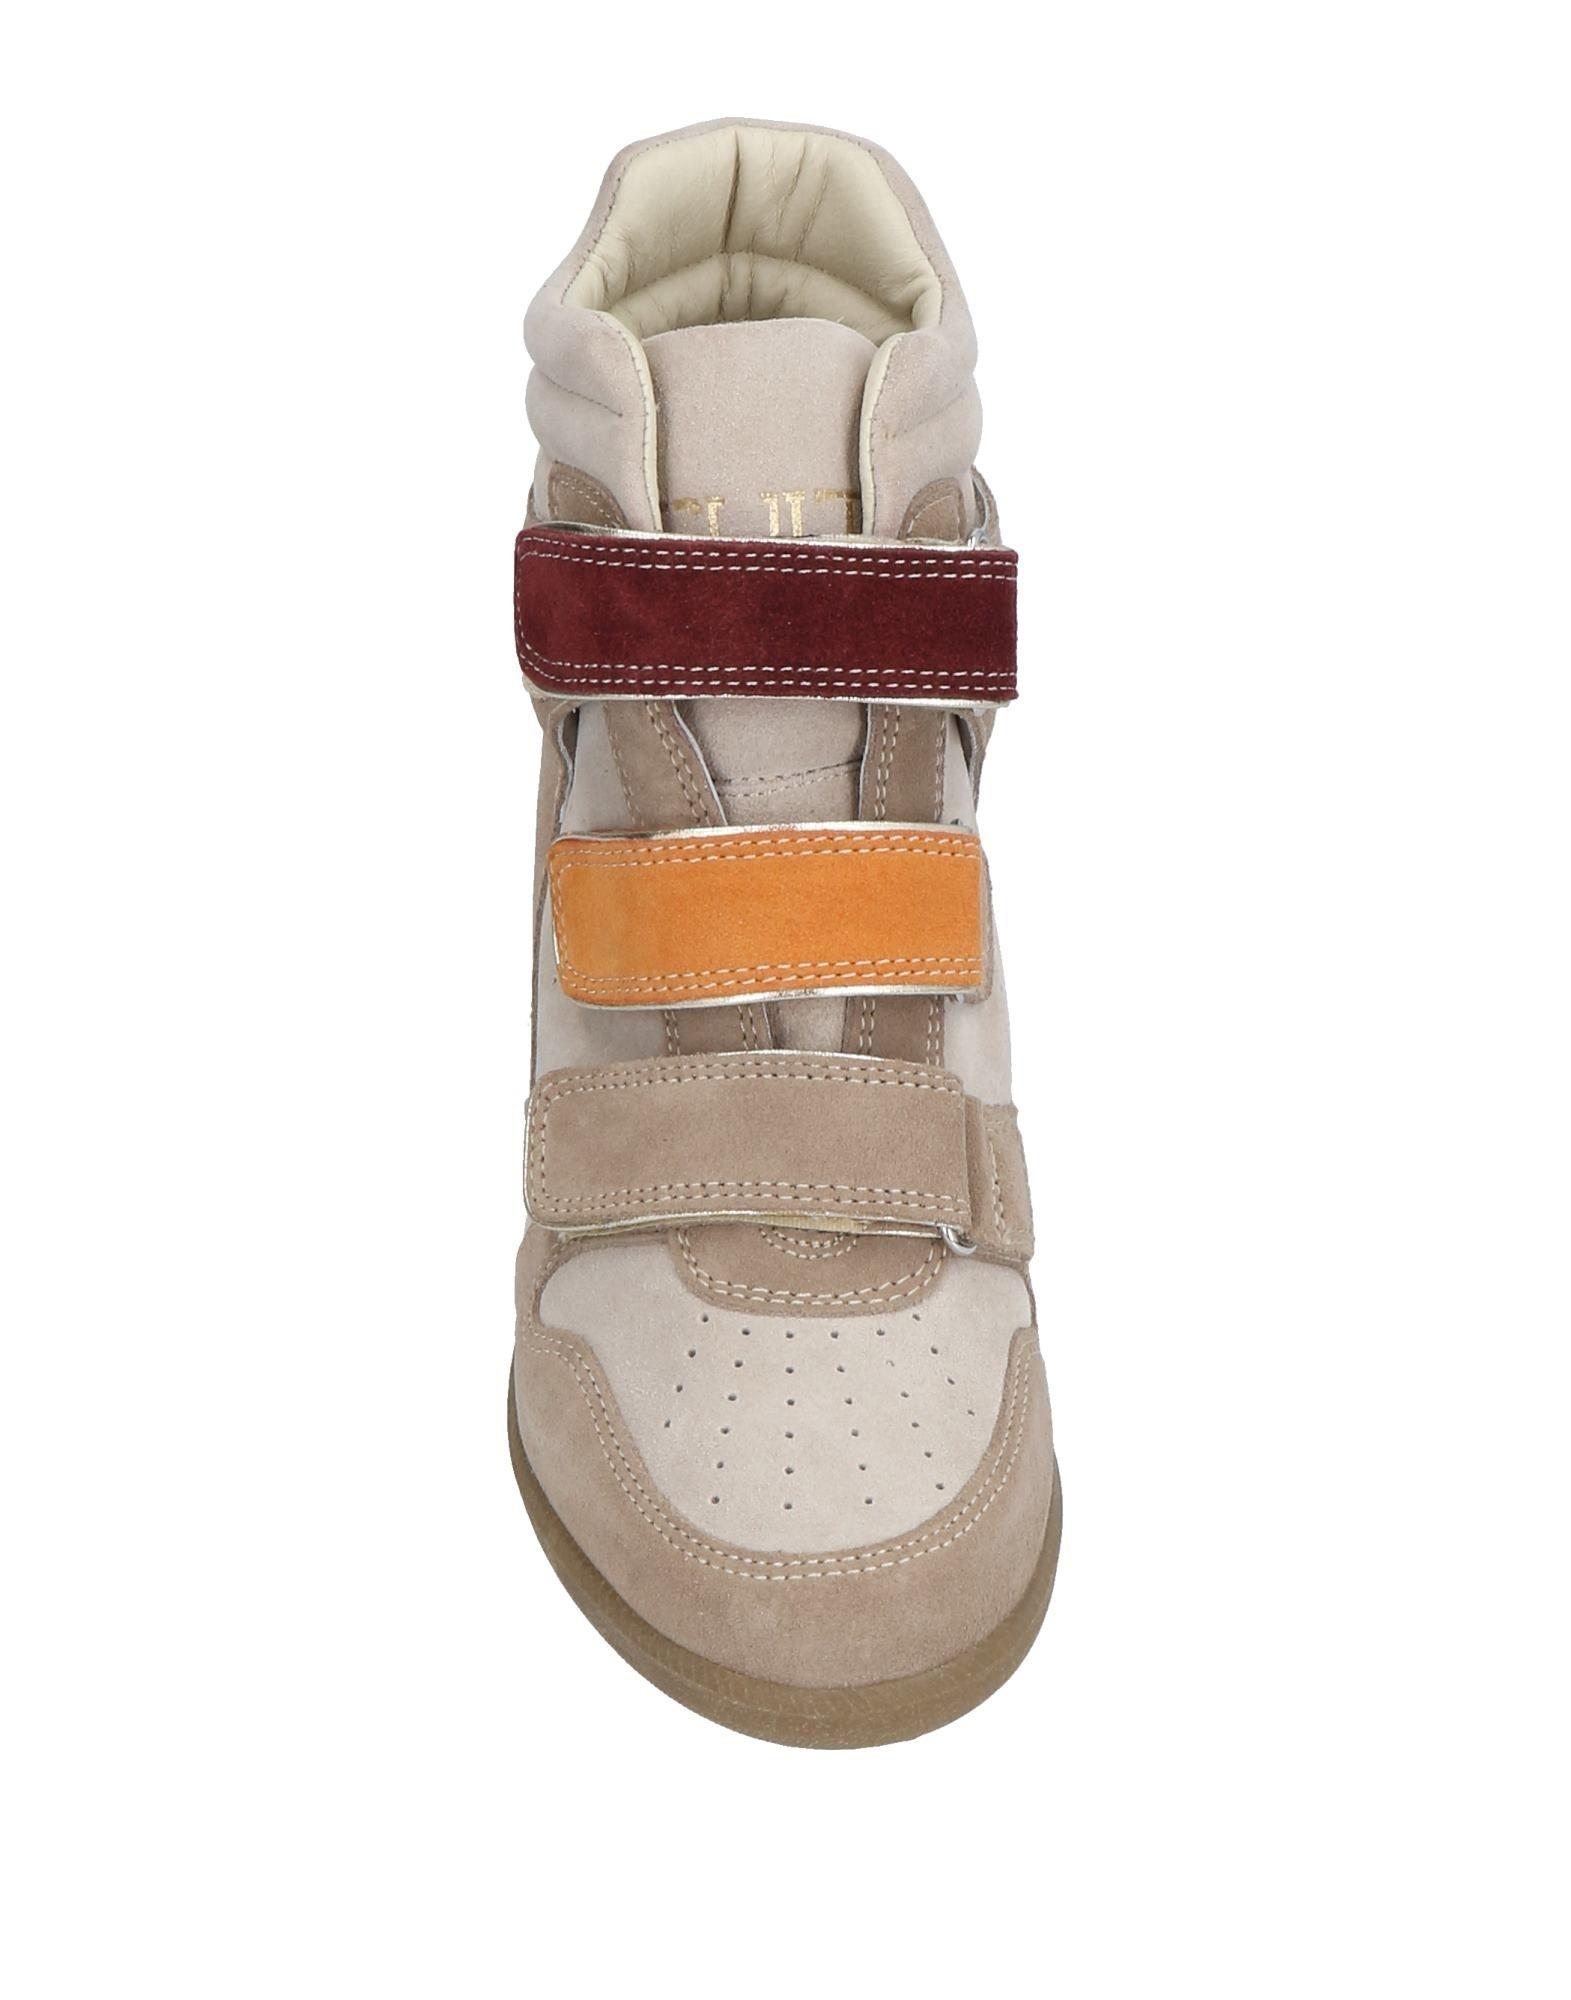 Cult Sneakers Qualität Damen  11502795IE Gute Qualität Sneakers beliebte Schuhe 552f06